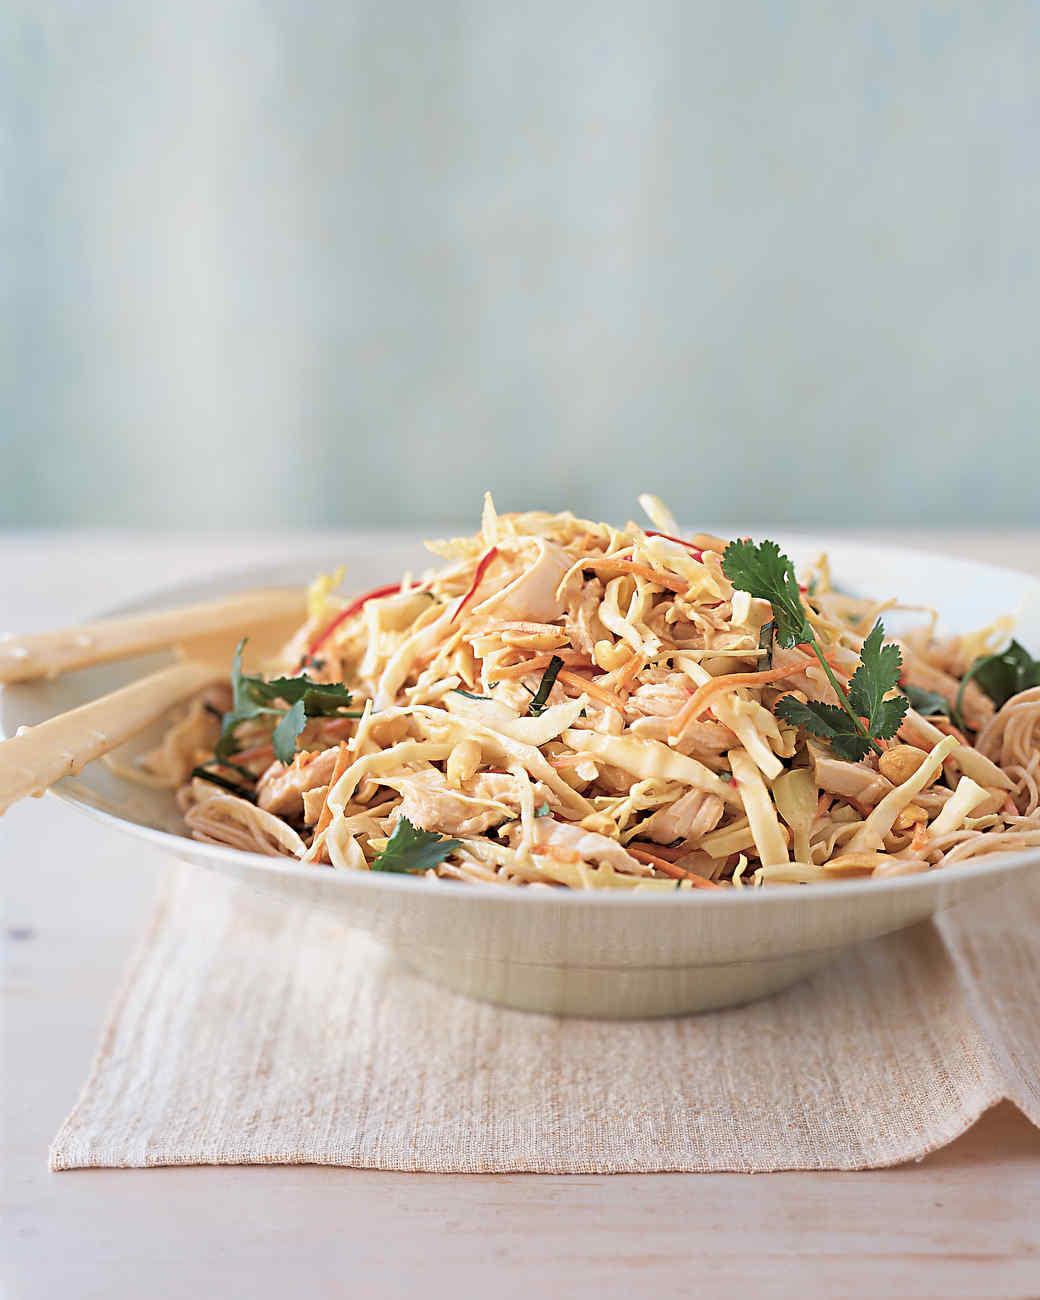 chicken-cabbage-0702-mla99364.jpg